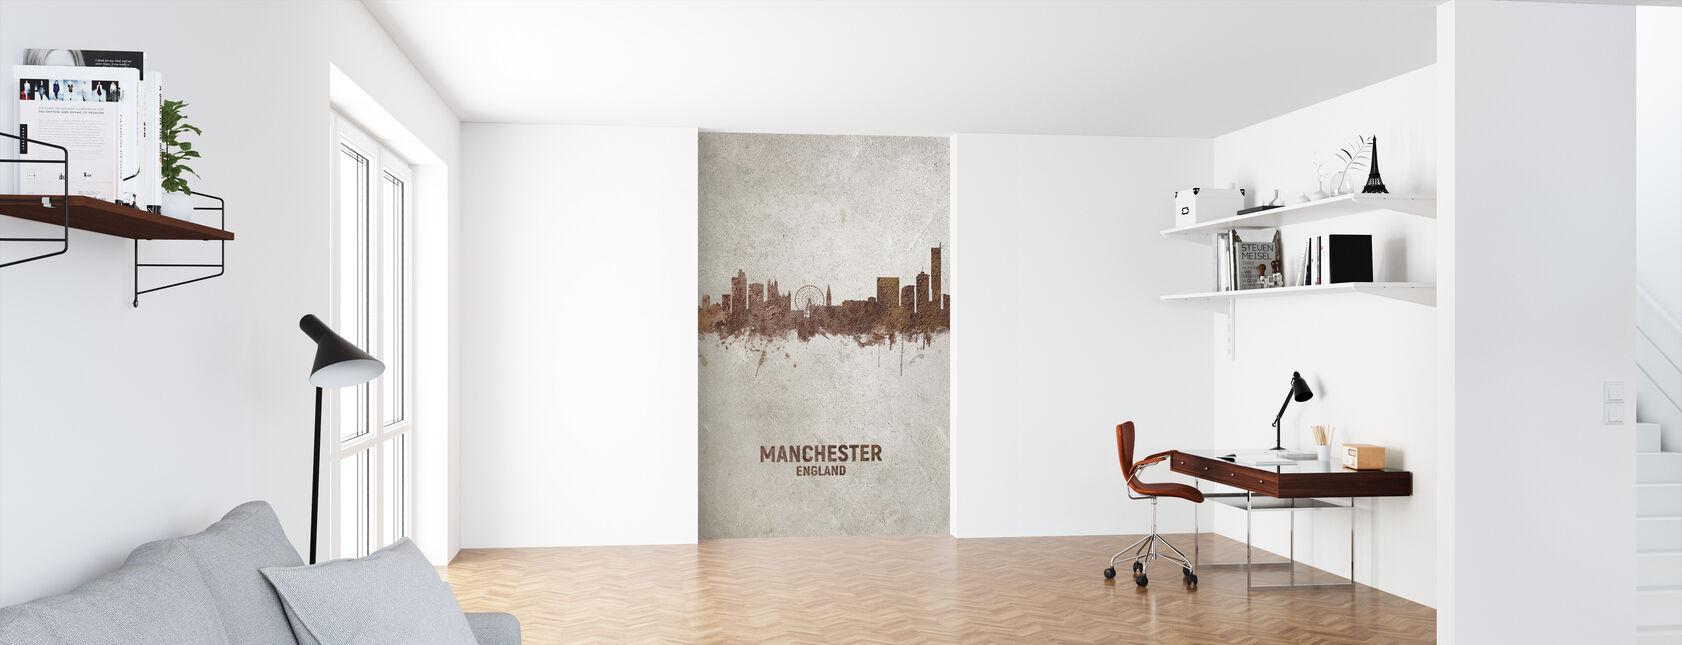 Manchester England Rust Skyline - Wallpaper - Office